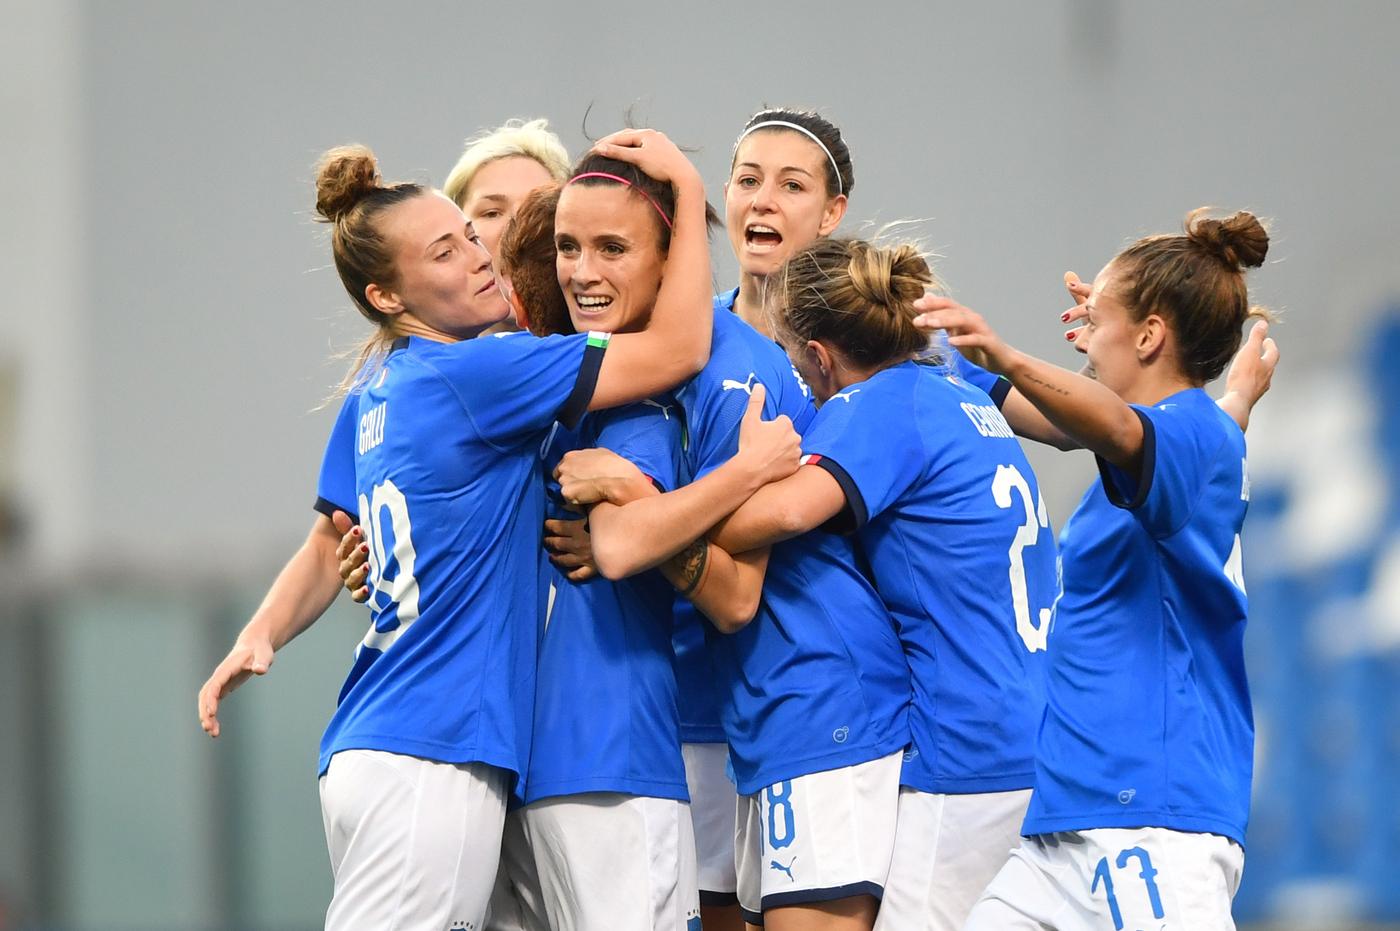 Calendario Femminile.Pronostici Mondiali Femminili Francia 2019 Guida Favoriti